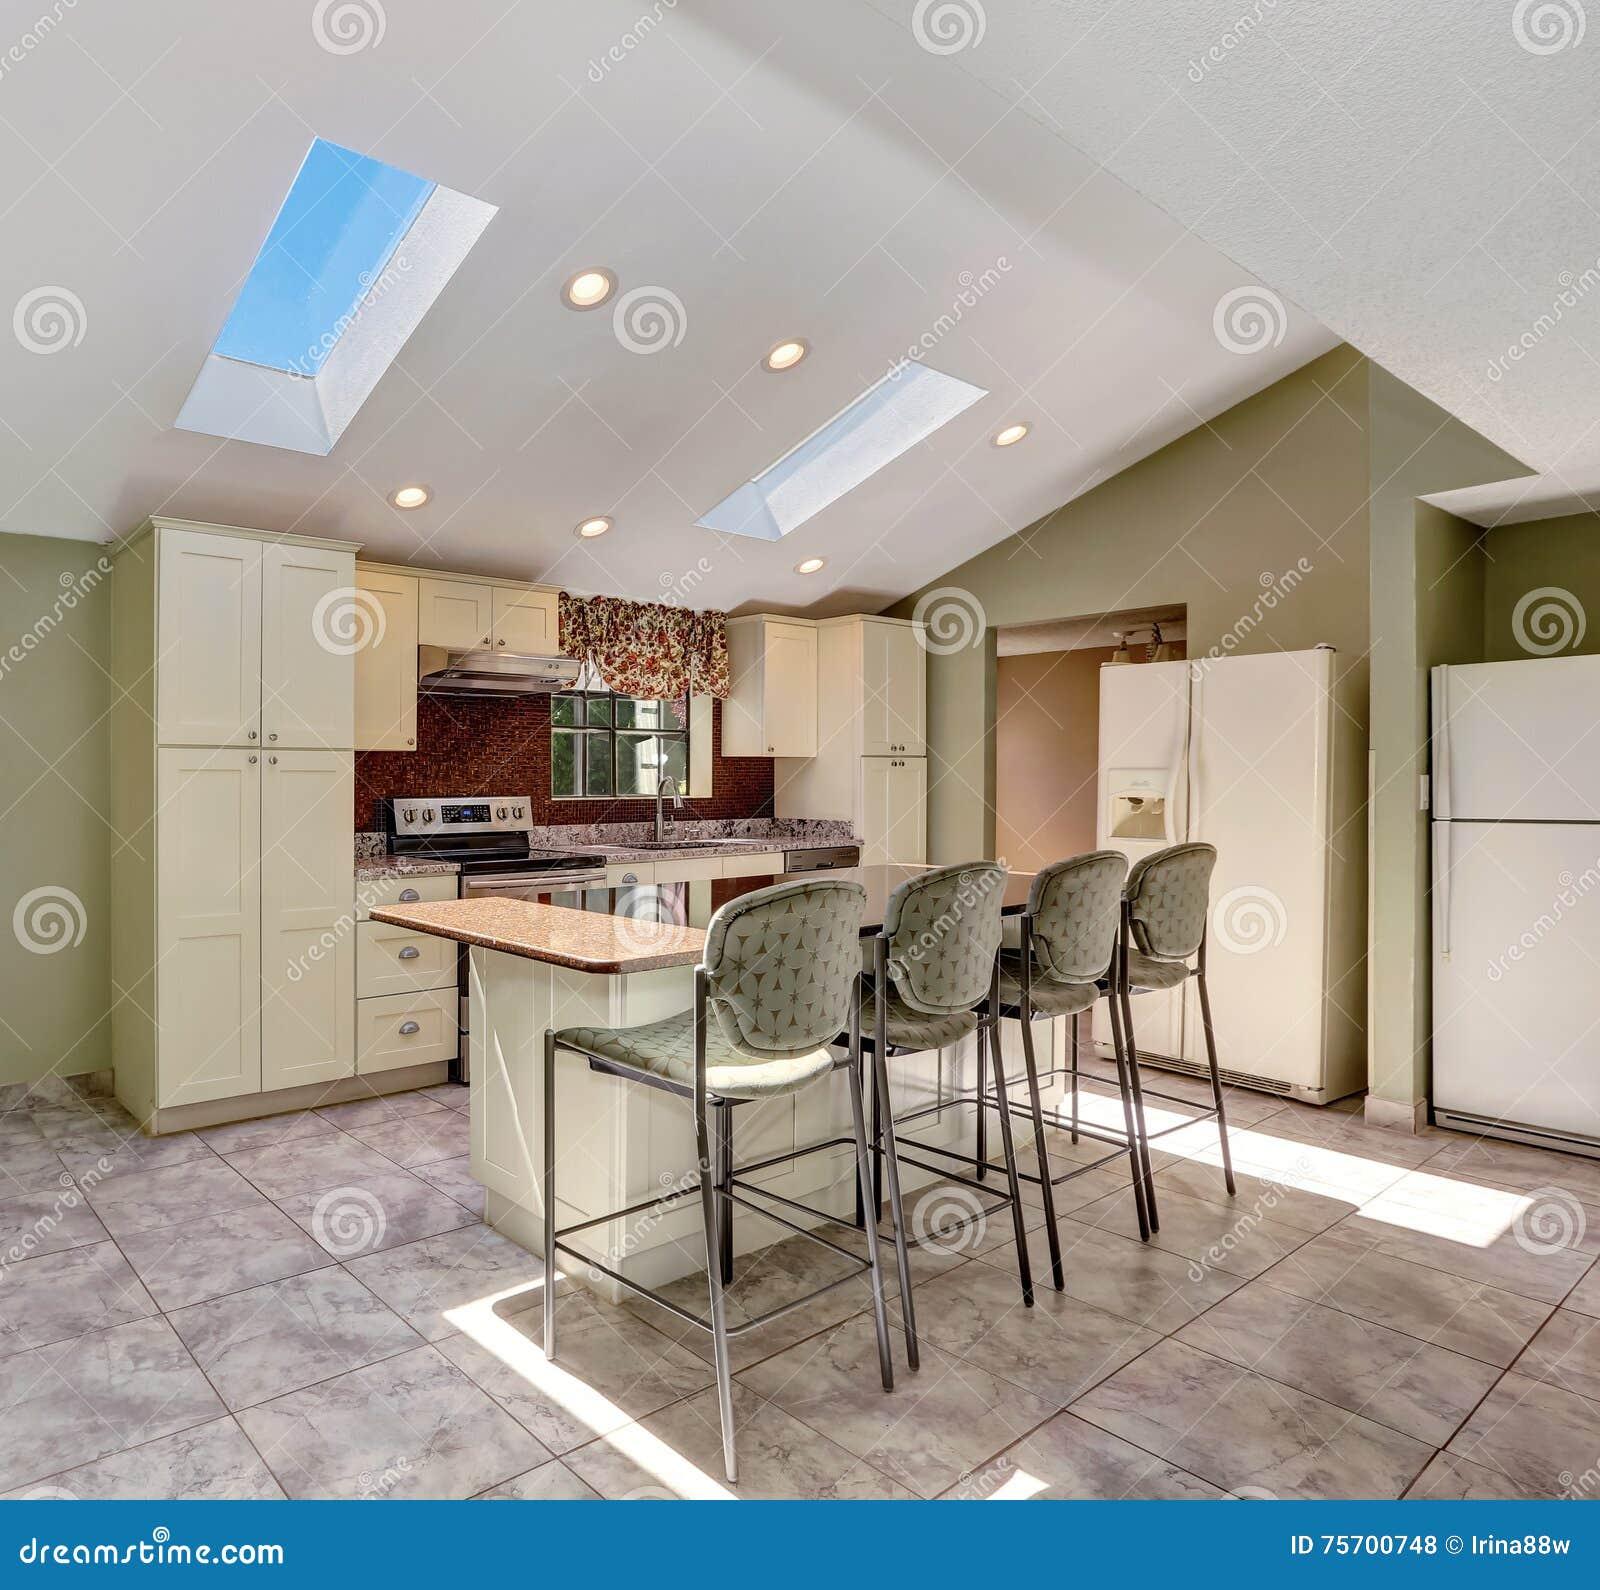 Cuisine Ensoleillée Lumineuse Avec Le Plafond Voûté Et Les Lucarnes